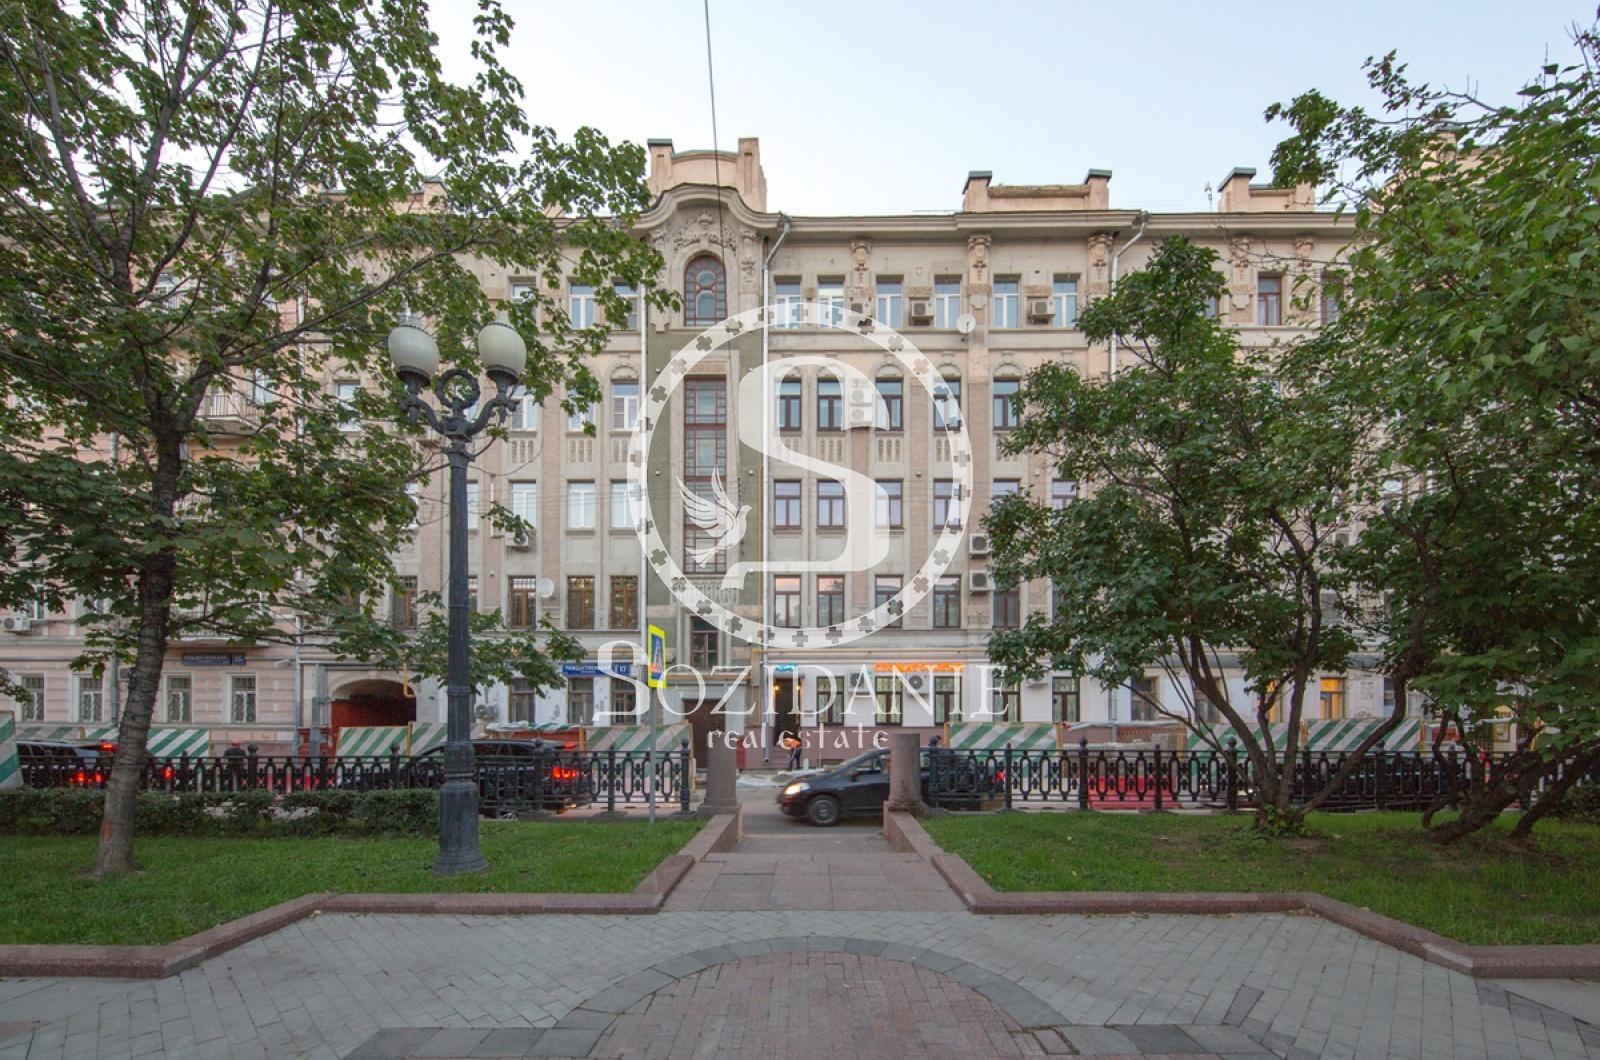 3 Комнаты, Городская, Продажа, Рождественский бульвар, Listing ID 3412, Москва, Россия,